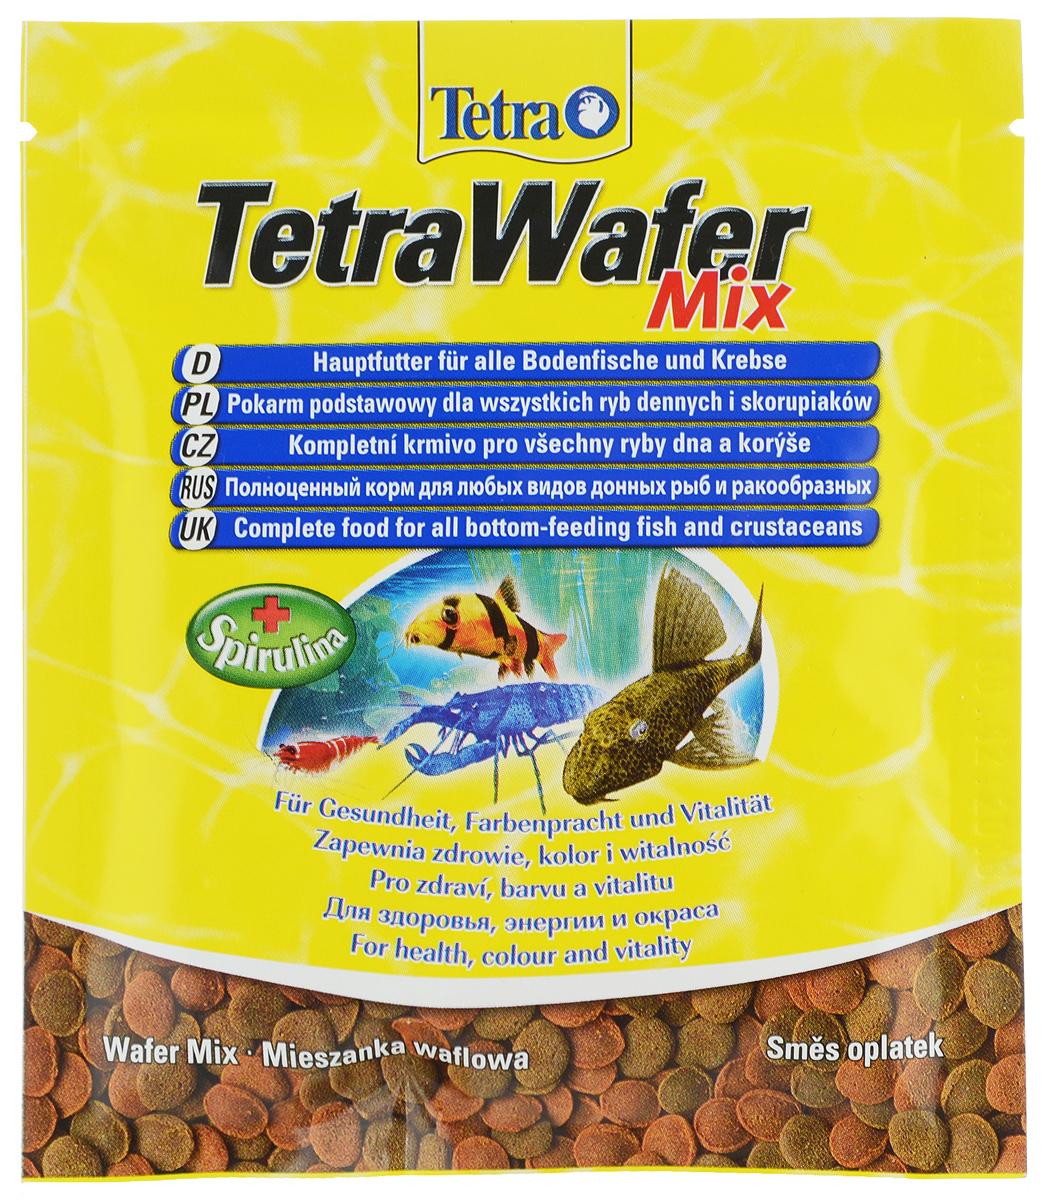 Корм Tetra TetraWafer Mix для всех видов донных рыб и ракообразных, пластинки, 15 г корм tetra tetramin xl flakes complete food for larger tropical fish крупные хлопья для больших тропических рыб 10л 769946